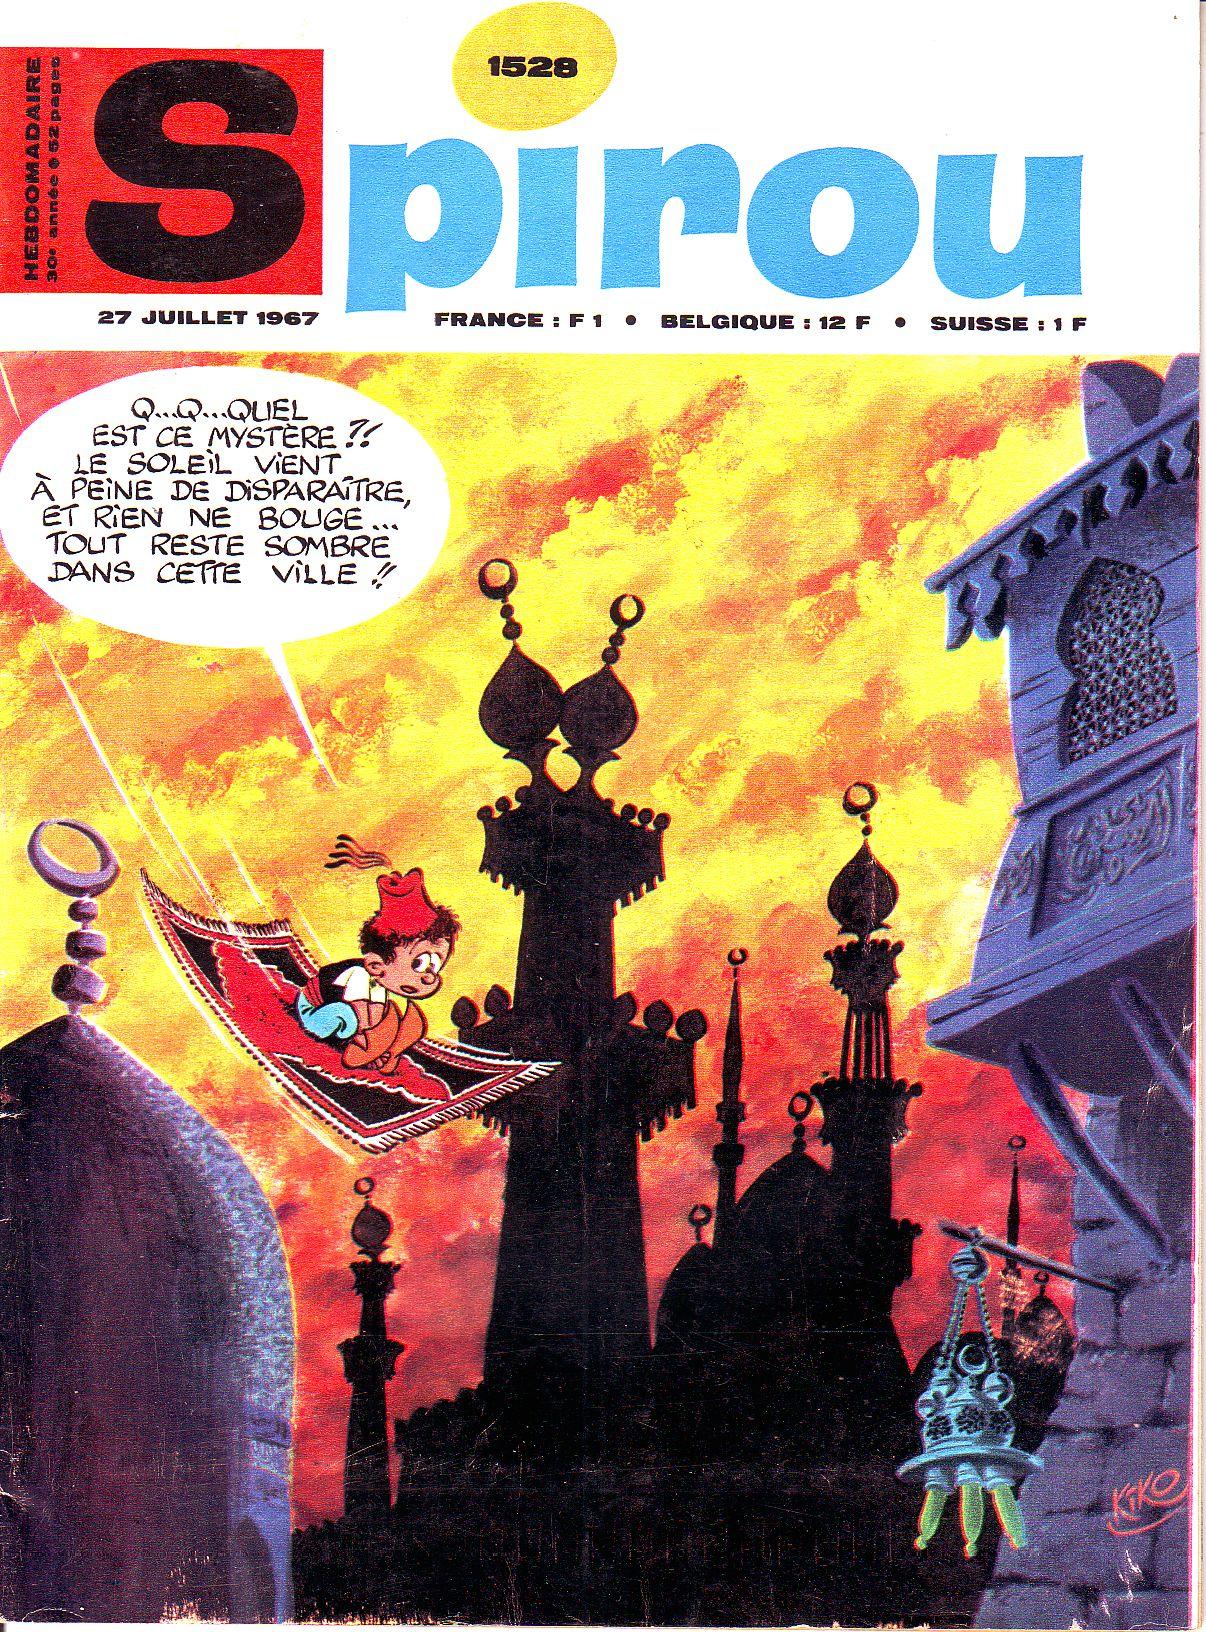 Le journal de Spirou 1528